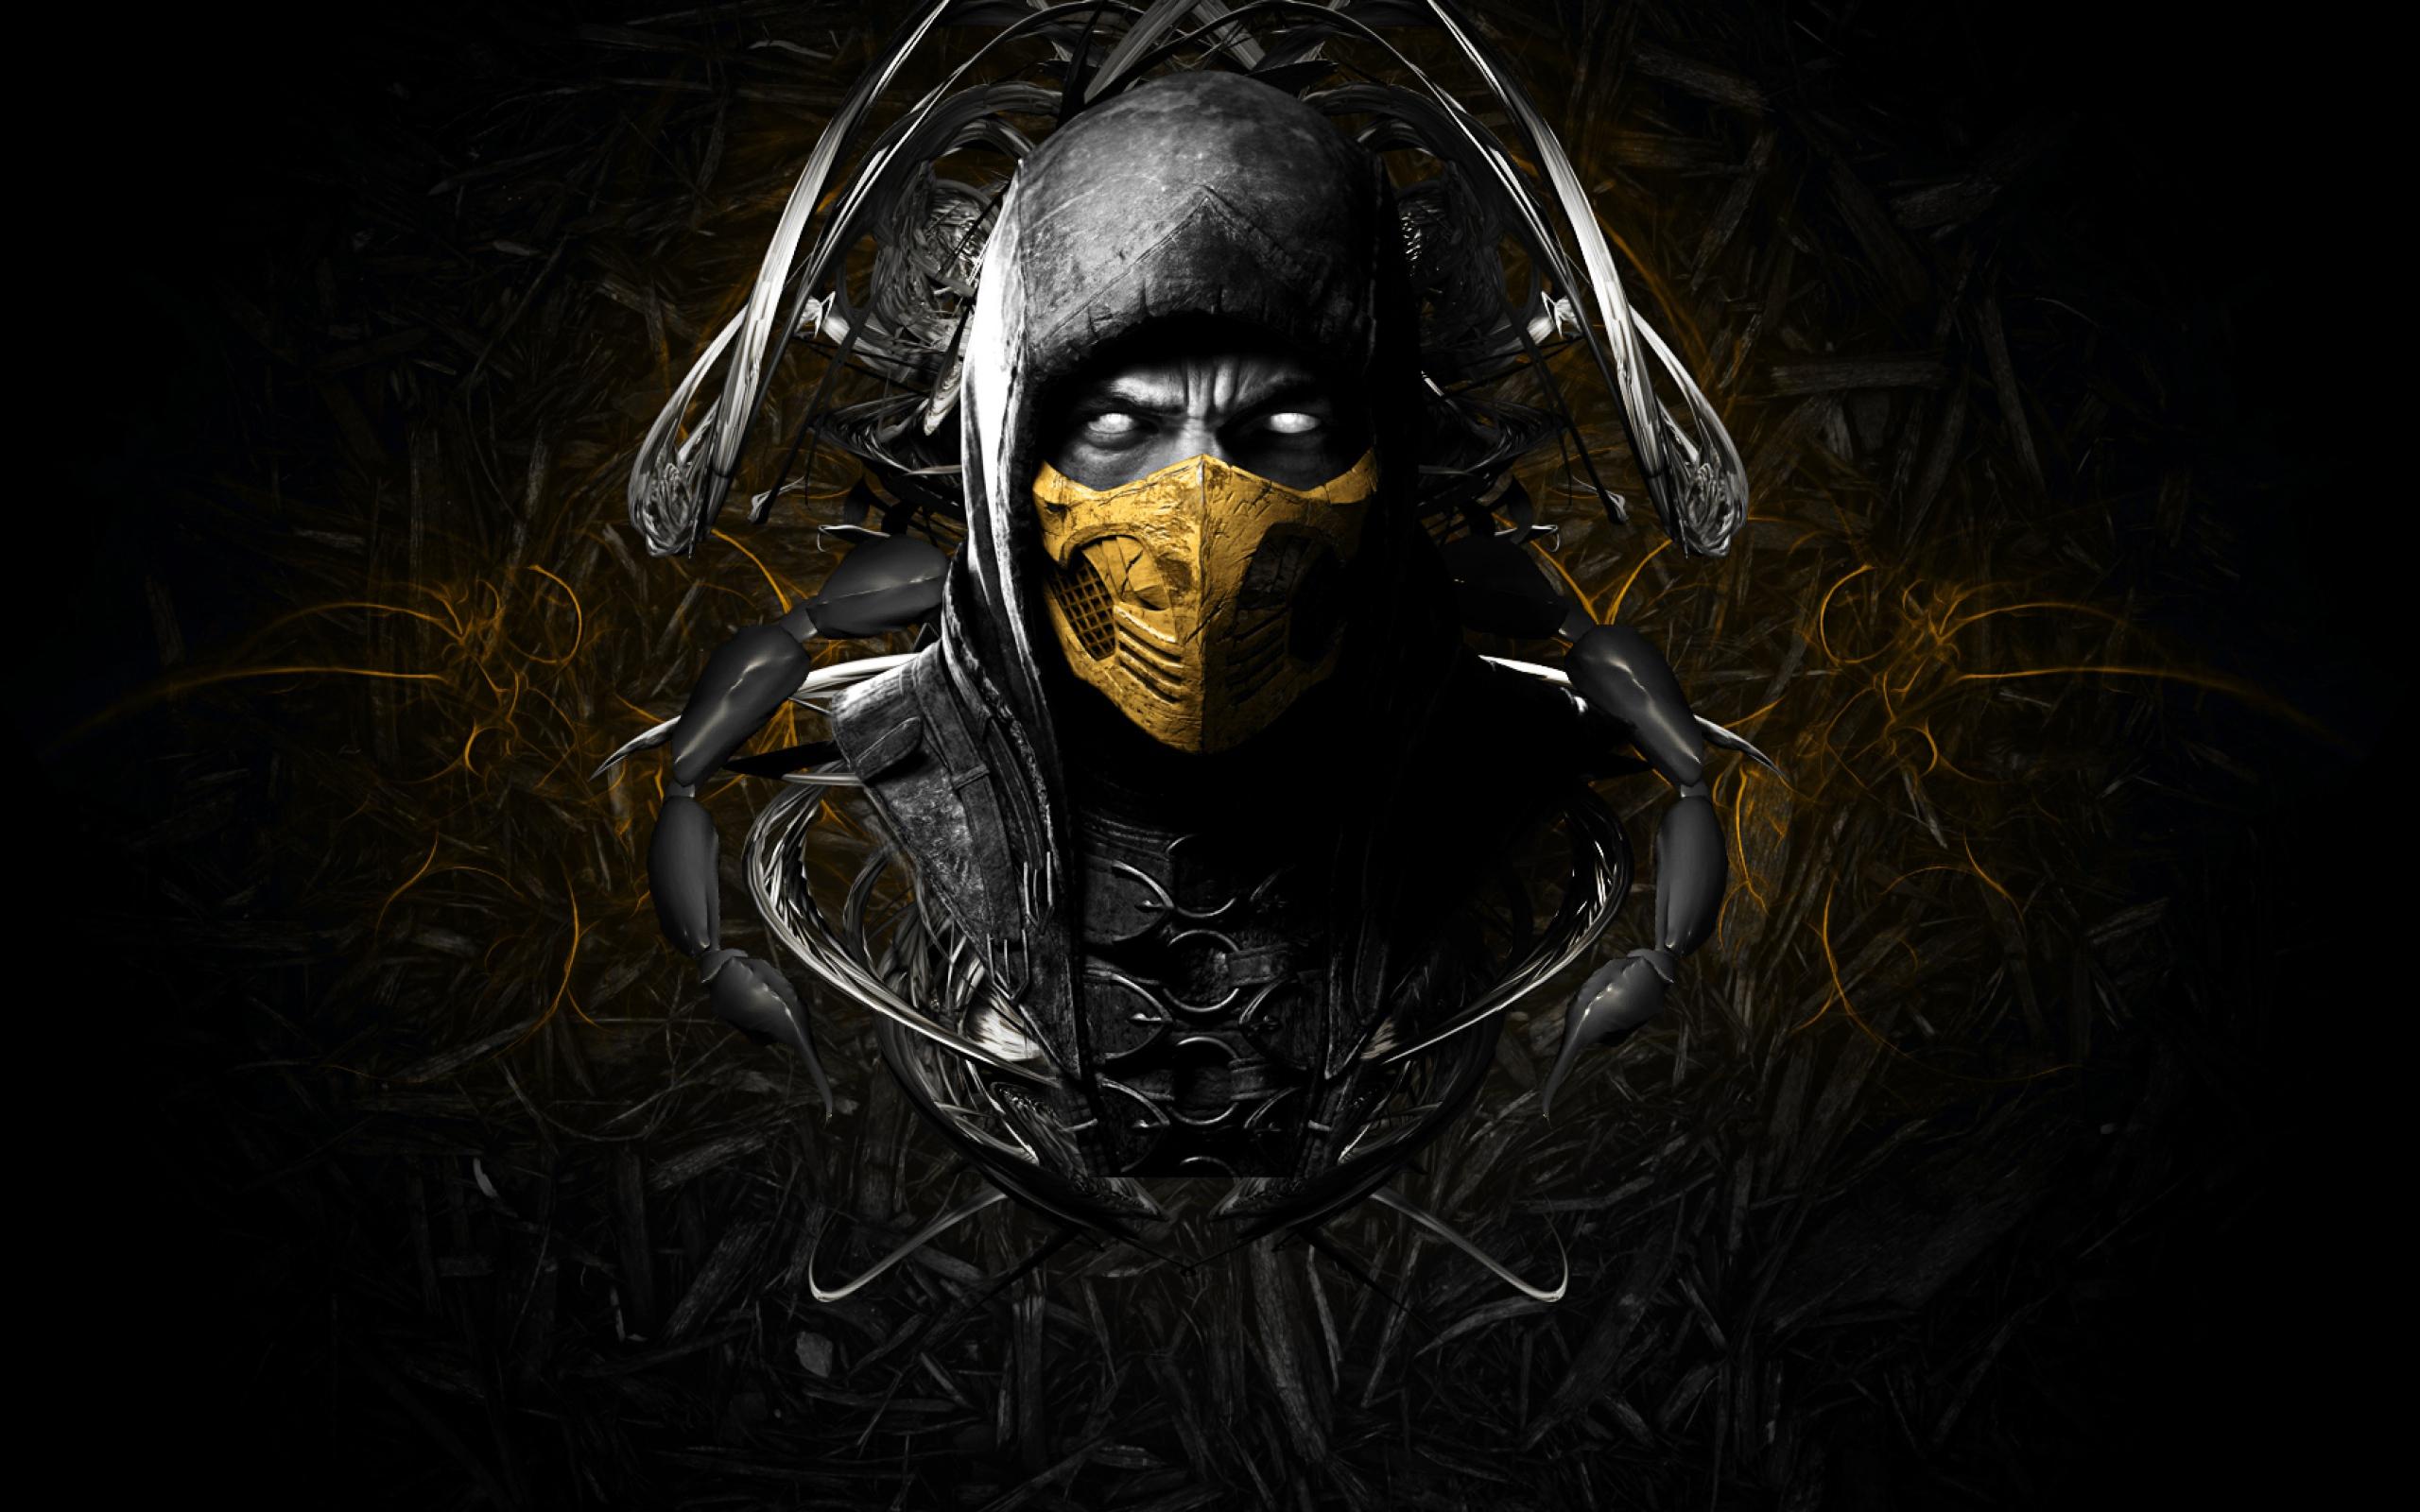 Mortal Kombat X Hd